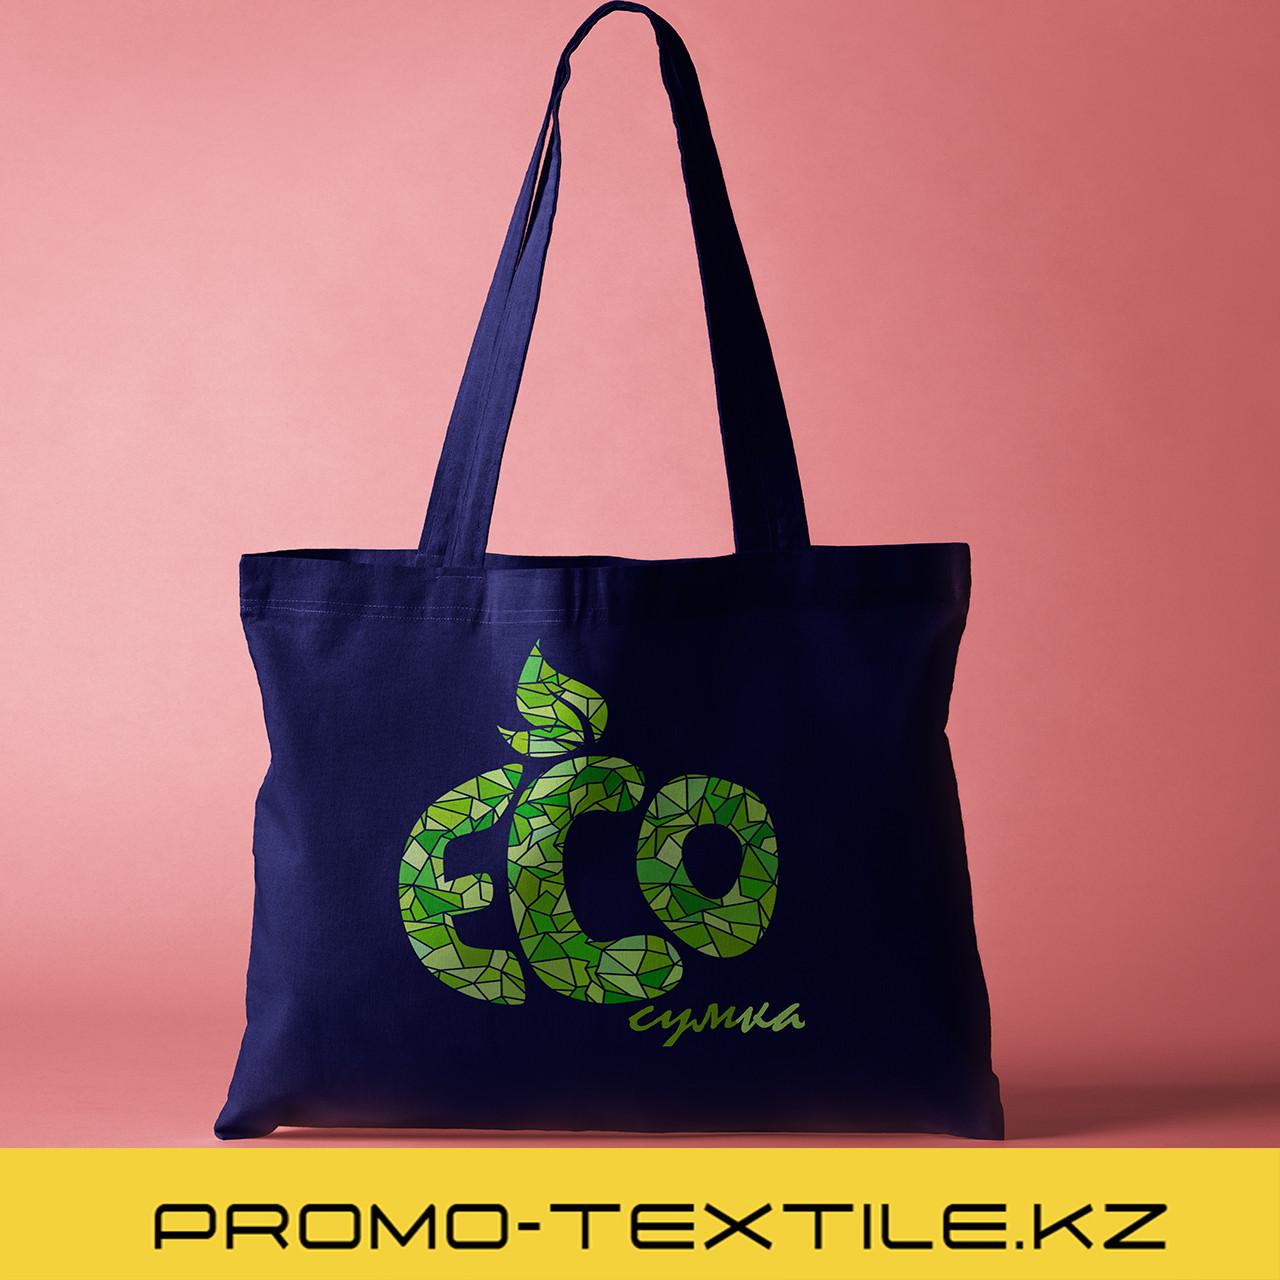 Эко сумка под заказ / экосумка с принтом